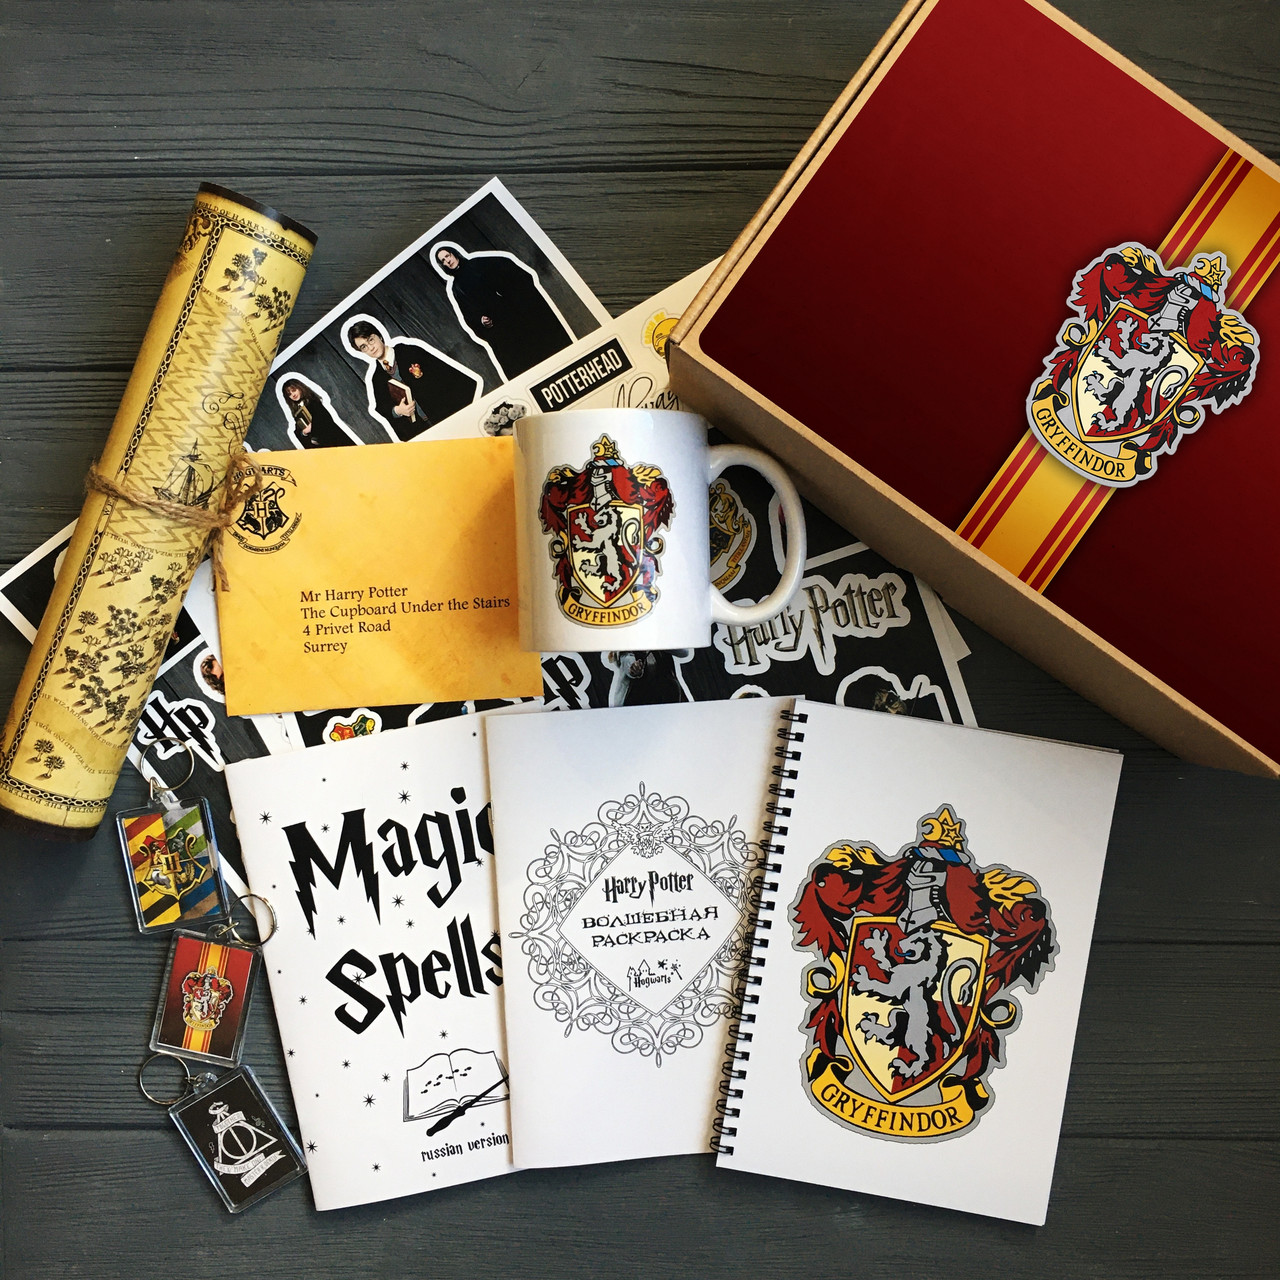 Посилка з Хогвартса факультету Грифіндор